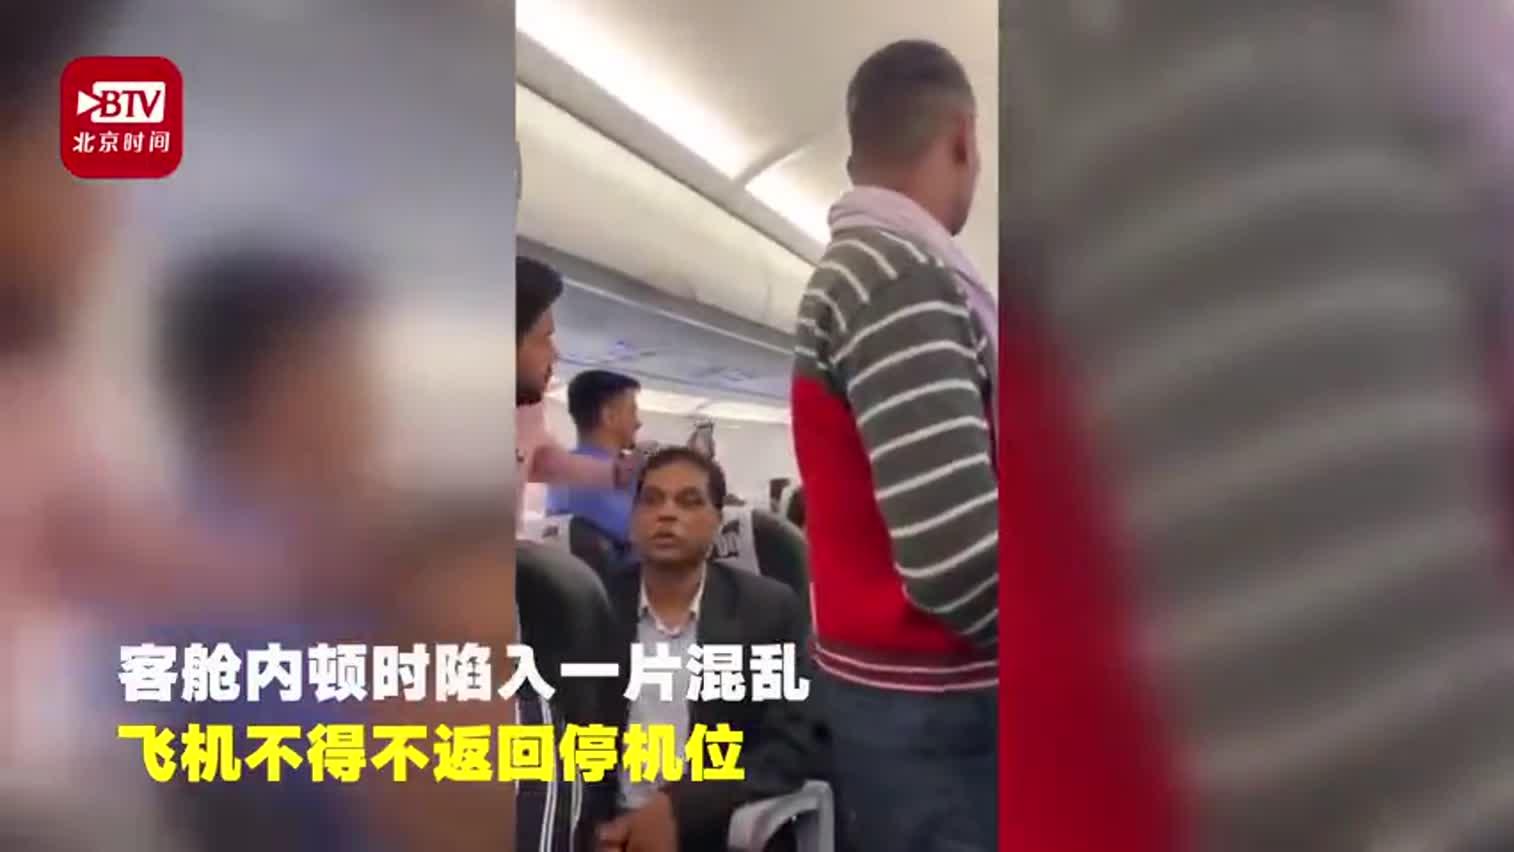 """视频-""""免票""""鸽子飞进机舱致航班延误 网友:它想"""